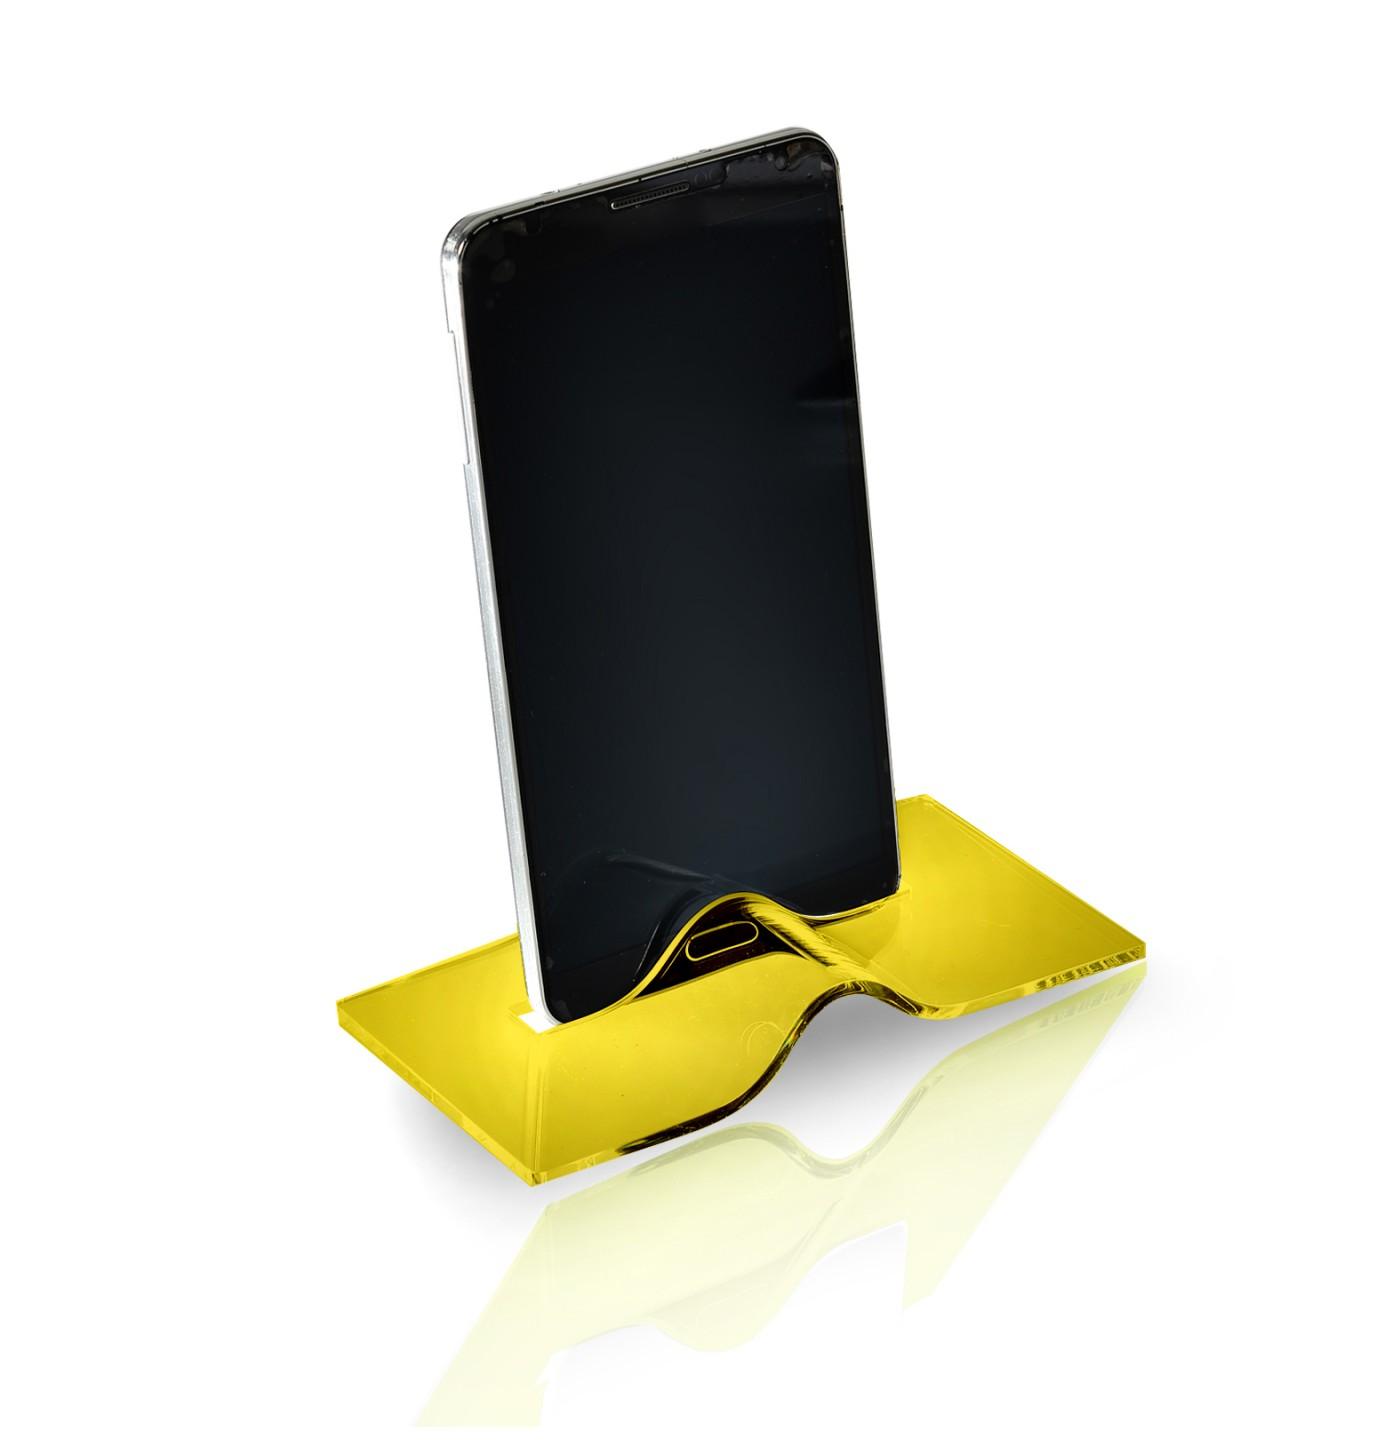 Fosforlu Sarı Akıllı Telefon Tutucu